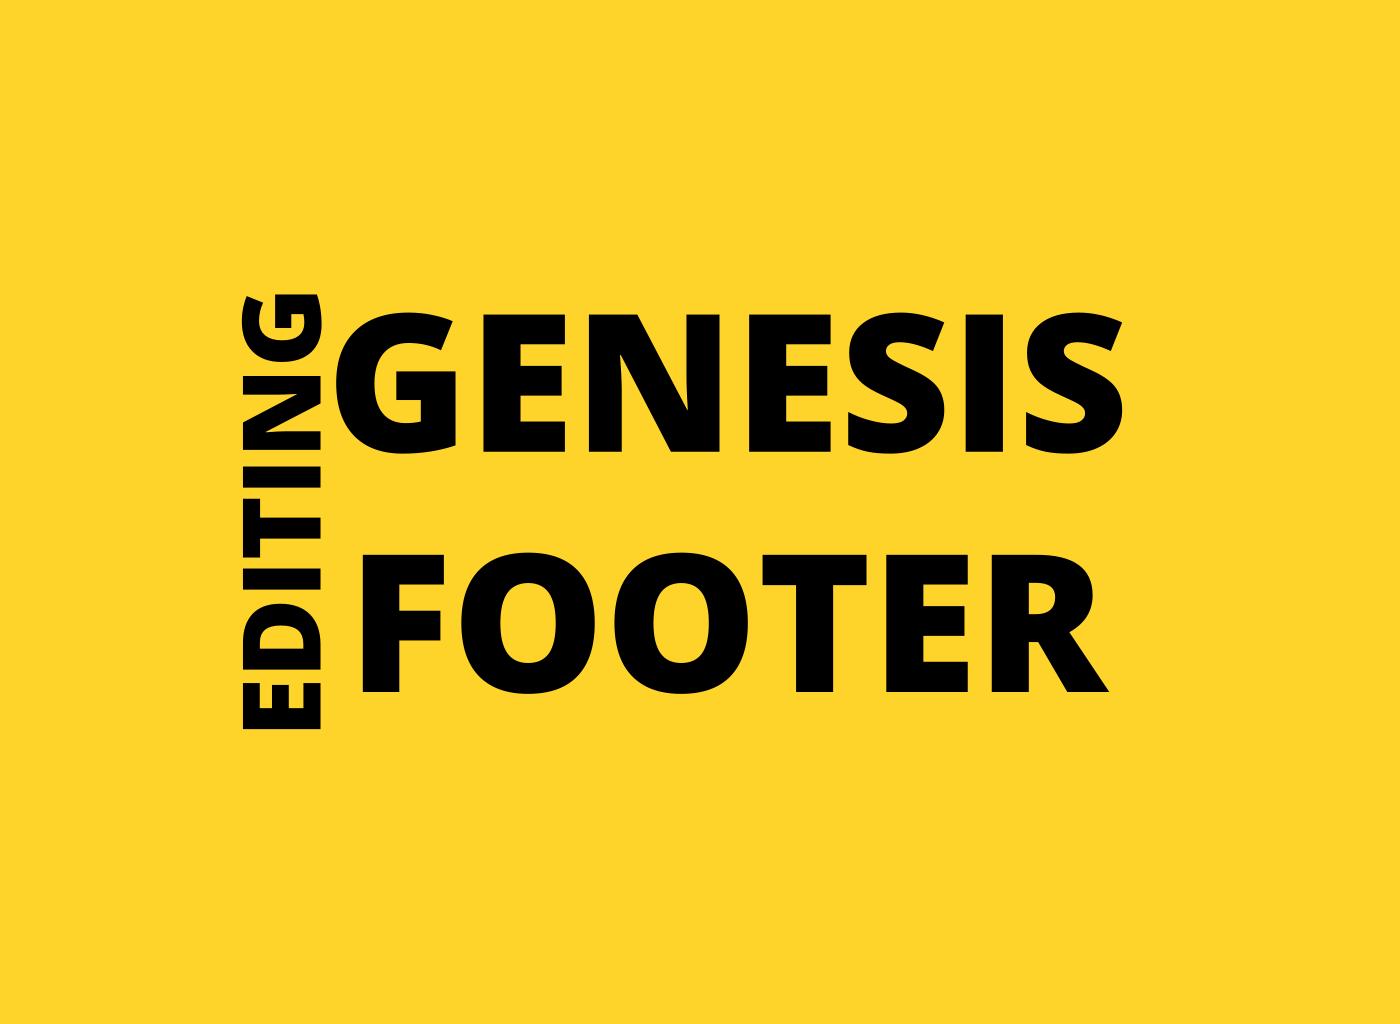 genesis footer editing